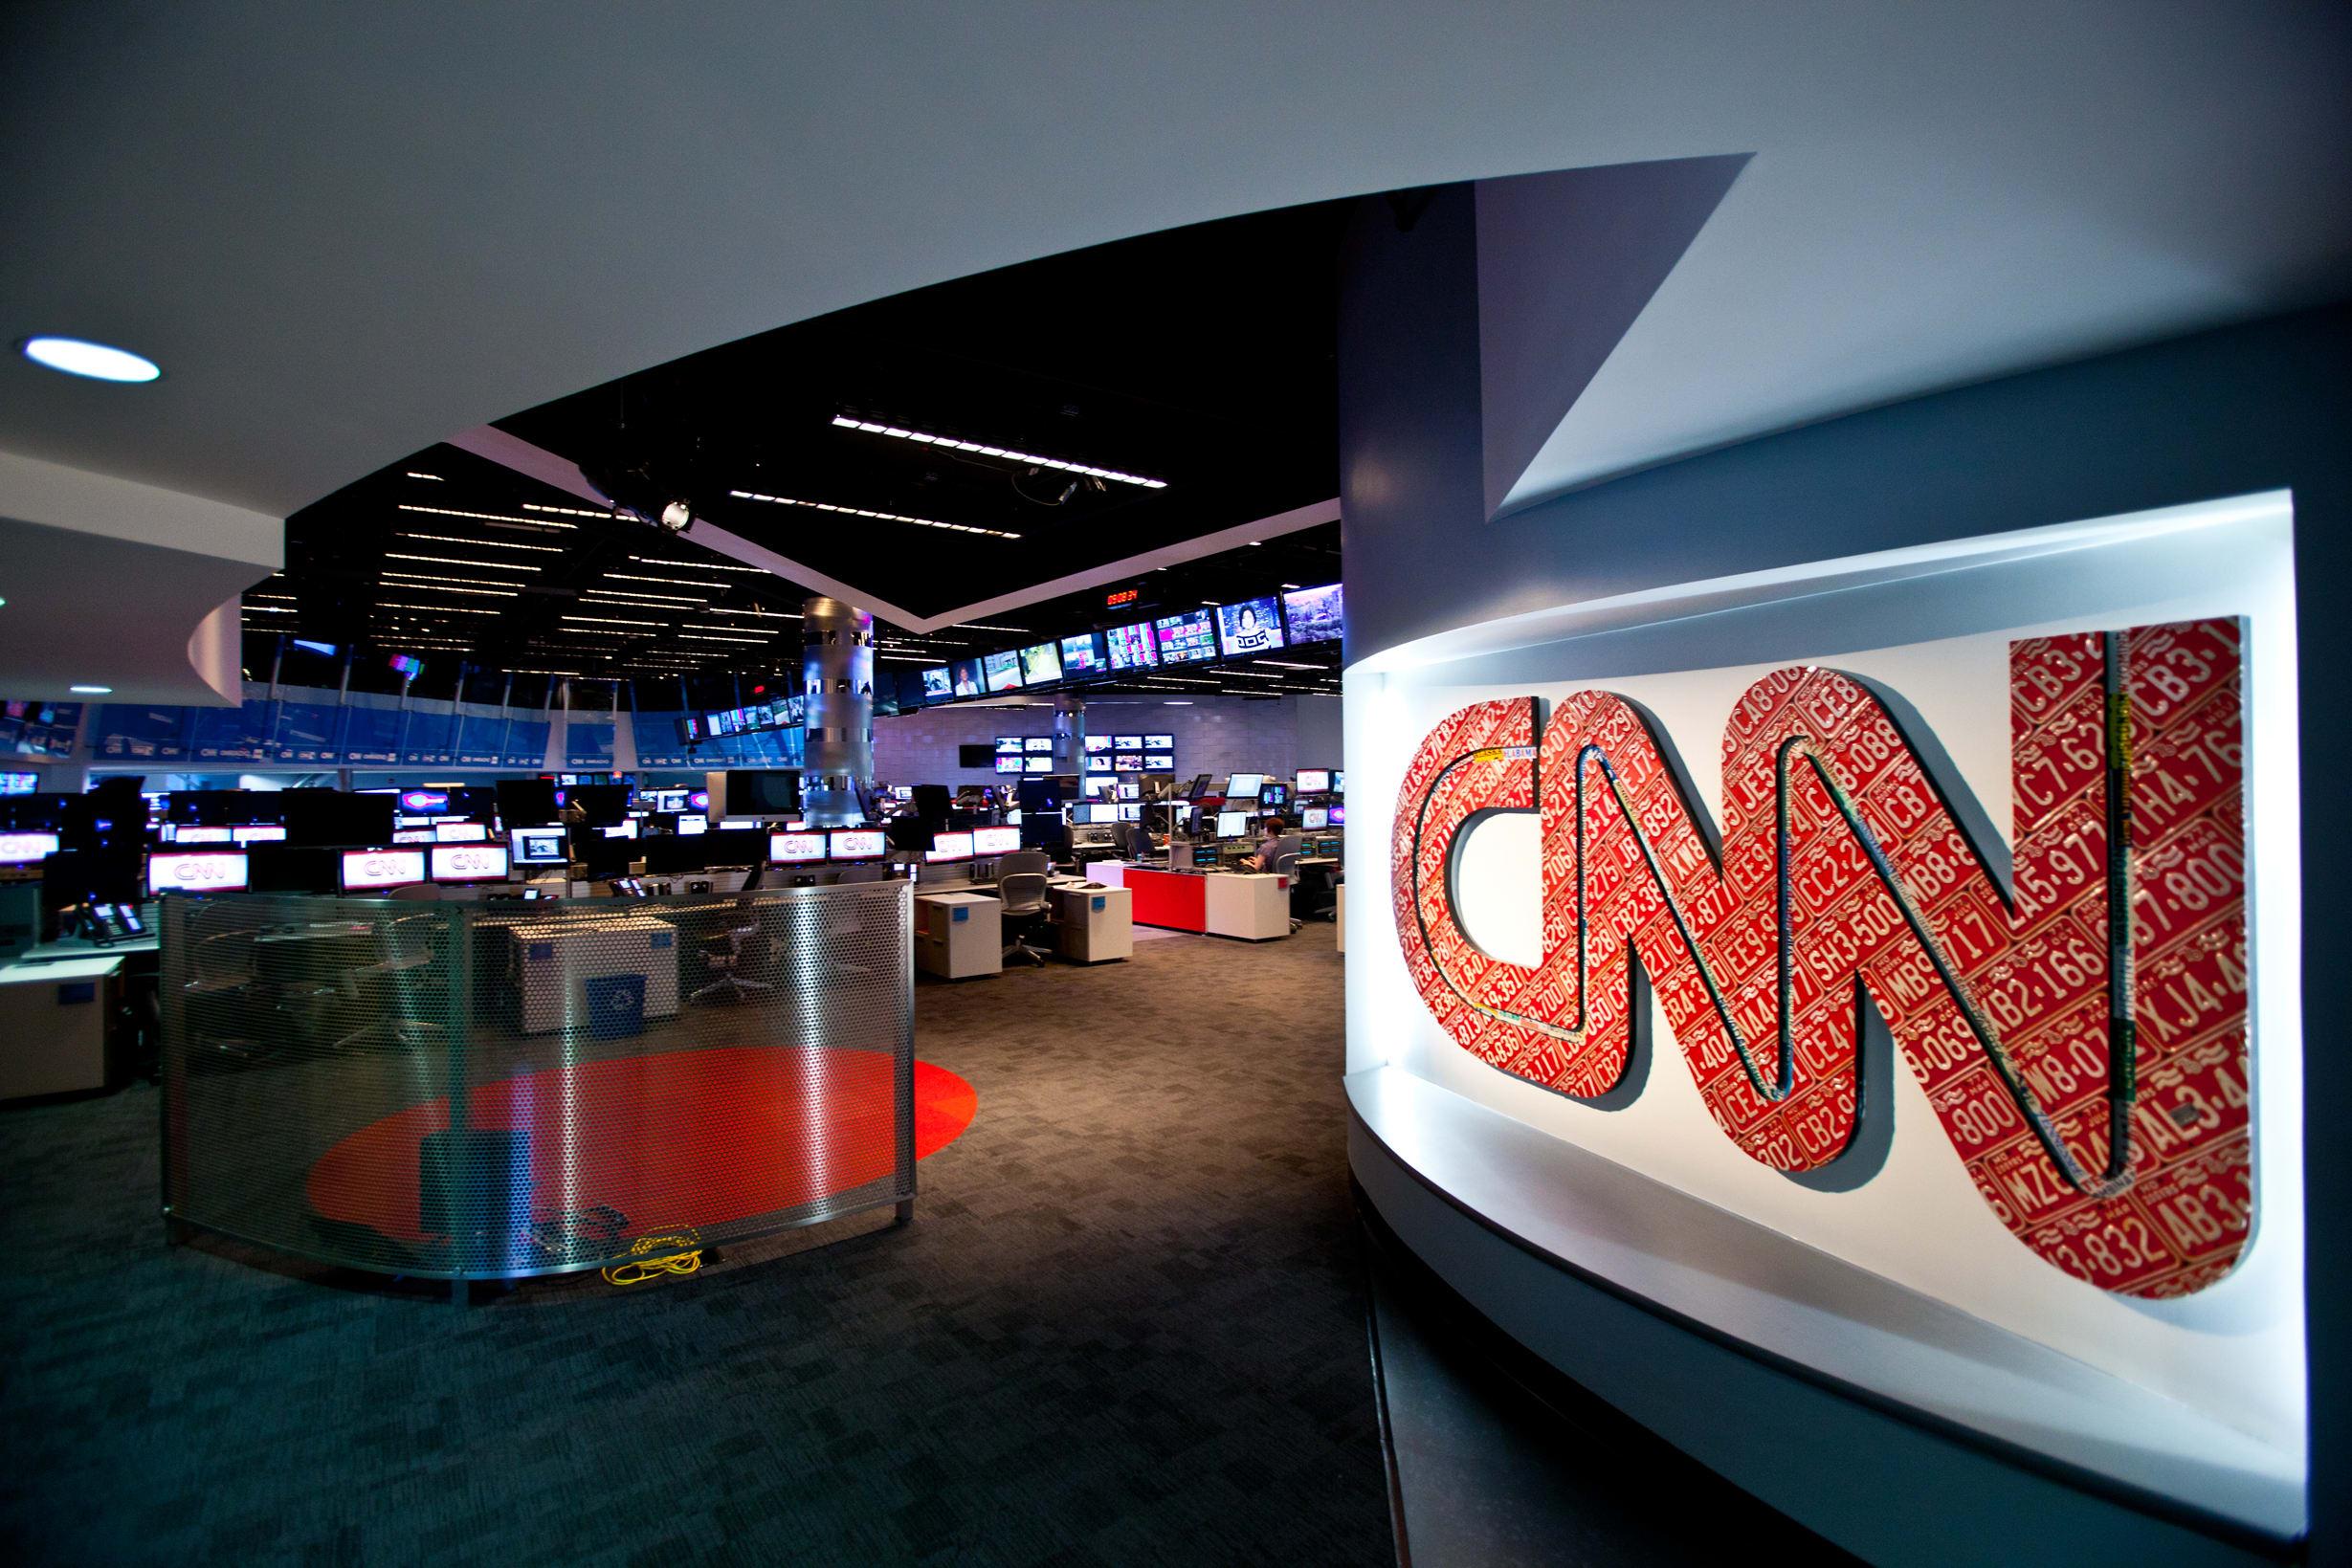 Inside CNN Tours